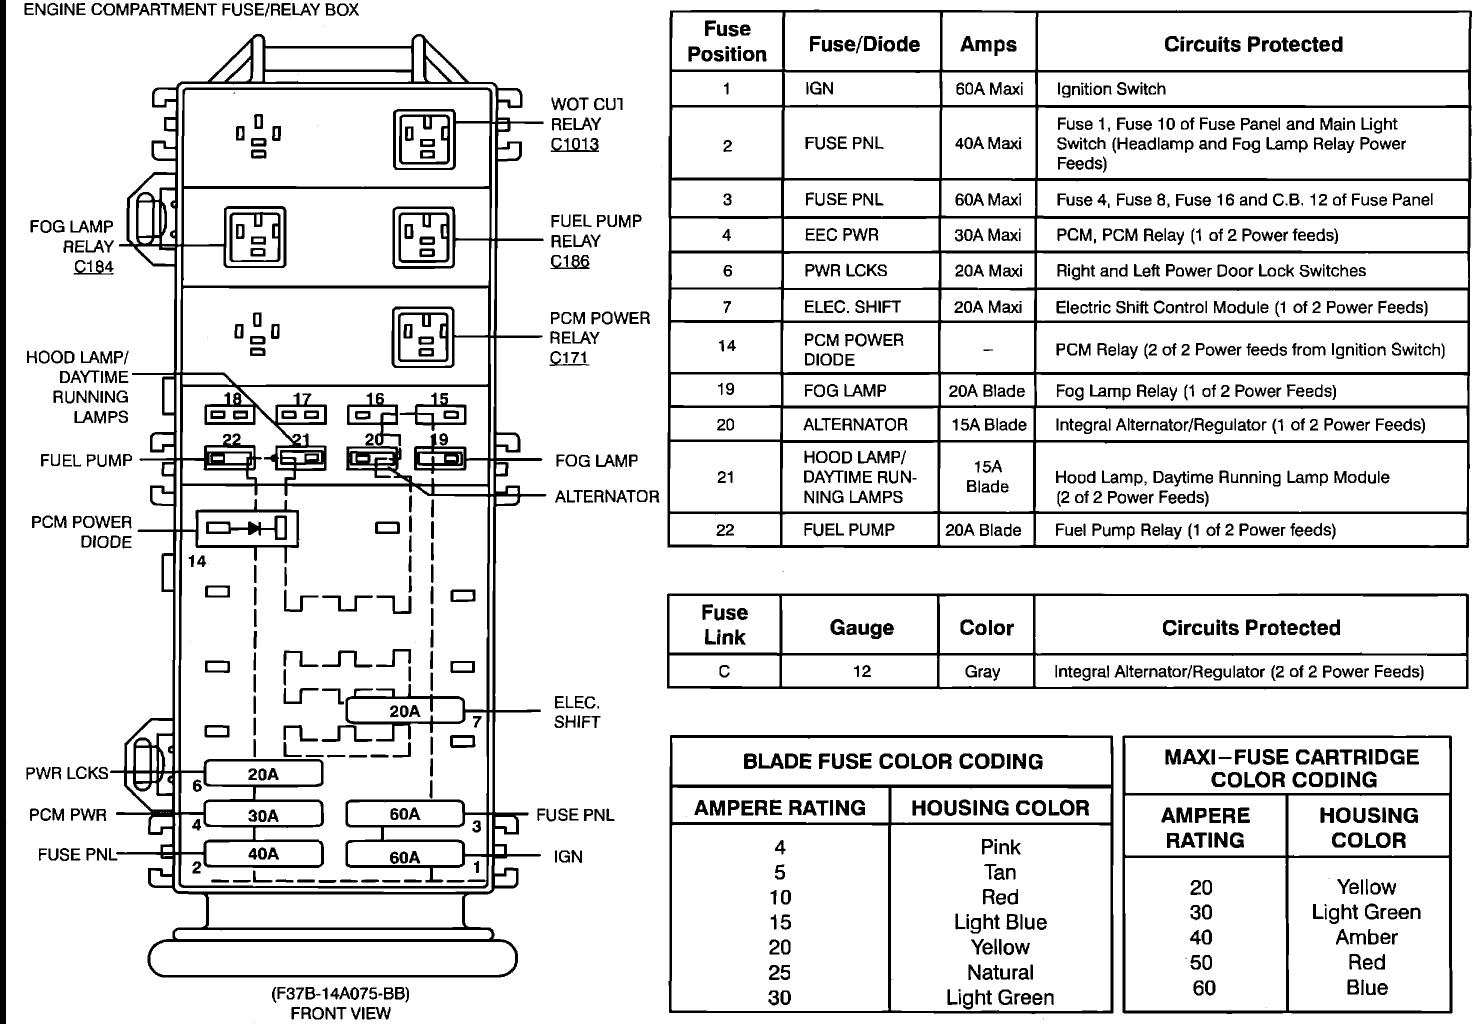 1996 mack fuse box diagram am 4997  pics photos fuse panel diagram ford explorer 2000 fuse  fuse panel diagram ford explorer